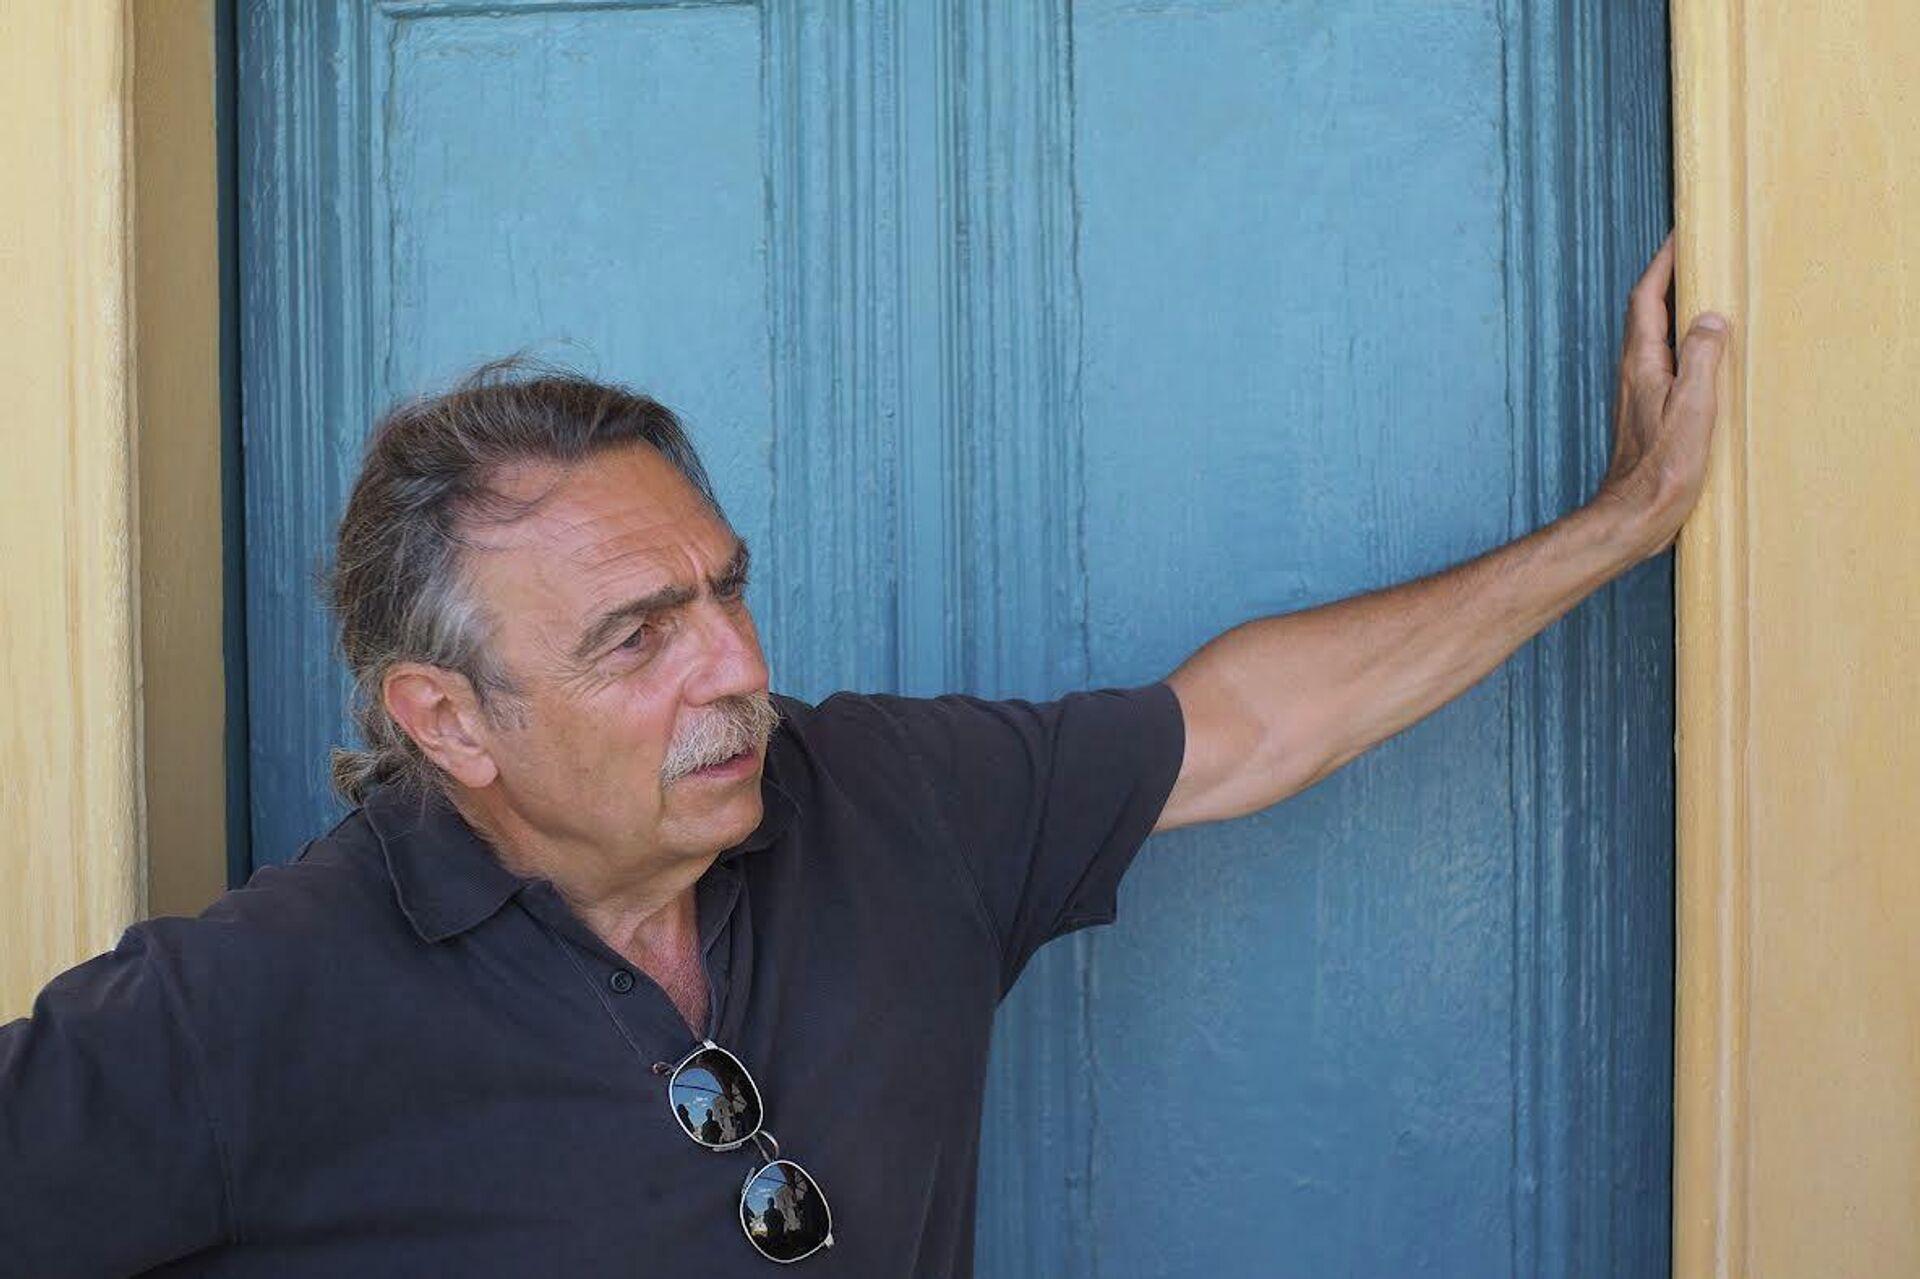 Ο σκηνοθέτης του ντοκιμαντέρ Σπέτσες '21, Στο σταυροδρόμι της ιστορίας Πάνος Θωμαίδης - Sputnik Ελλάδα, 1920, 20.09.2021